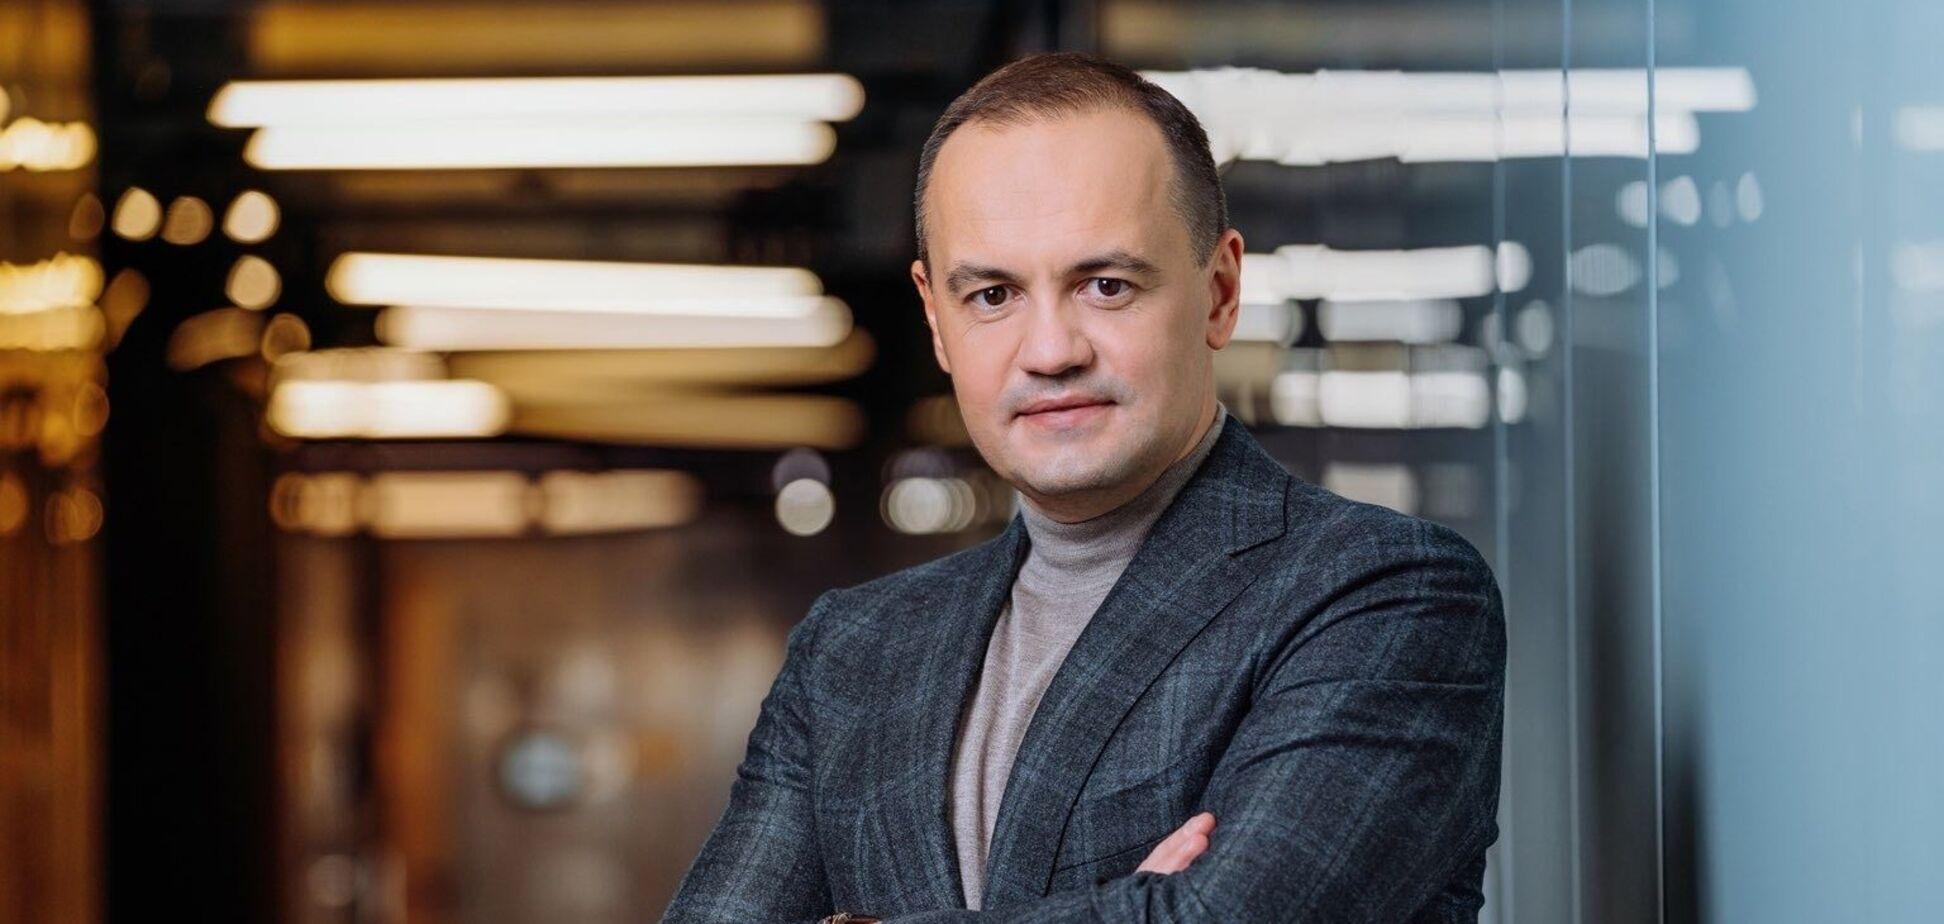 Украине пора инвестировать в экологичную и качественную электроэнергию, – Тимченко